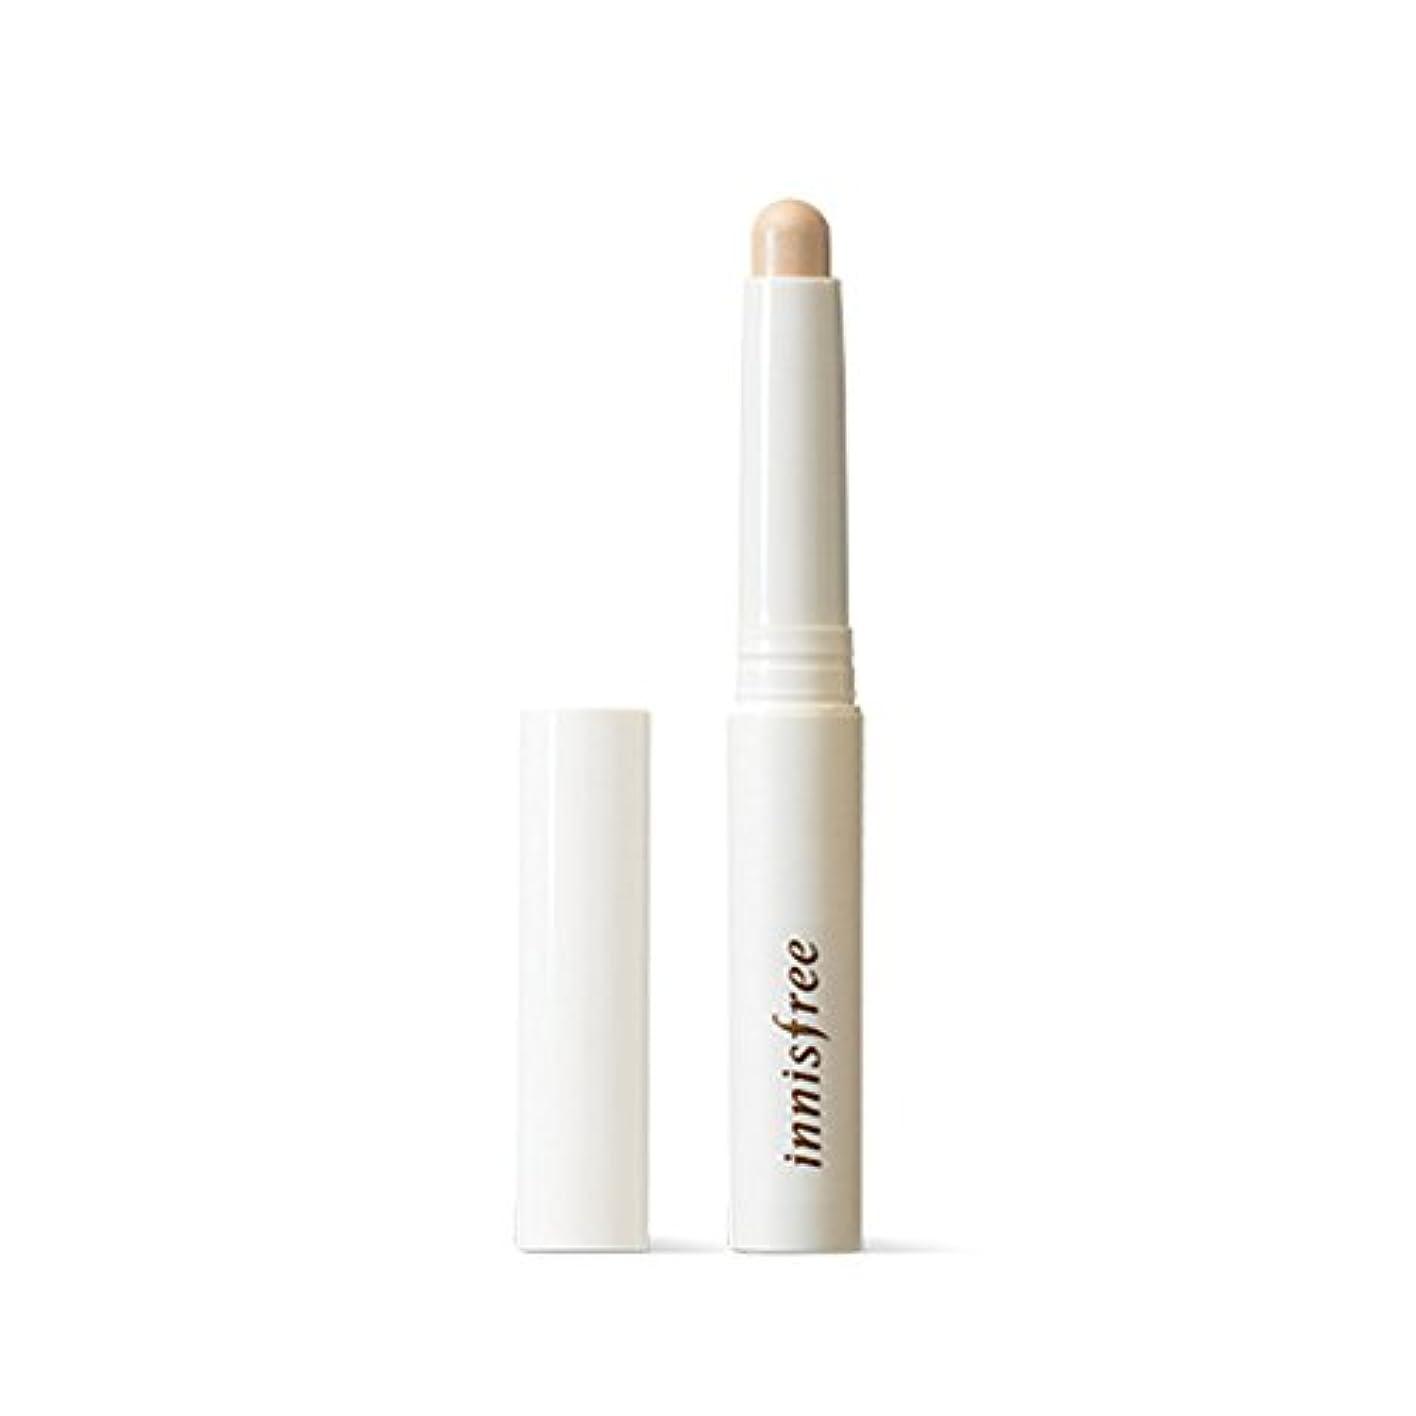 資本複雑子孫イニスフリーミネラルスティックコンシーラー2g Innisfree Mineral Stick Concealer 2g [海外直送品][並行輸入品] (#2. Natural Beige)